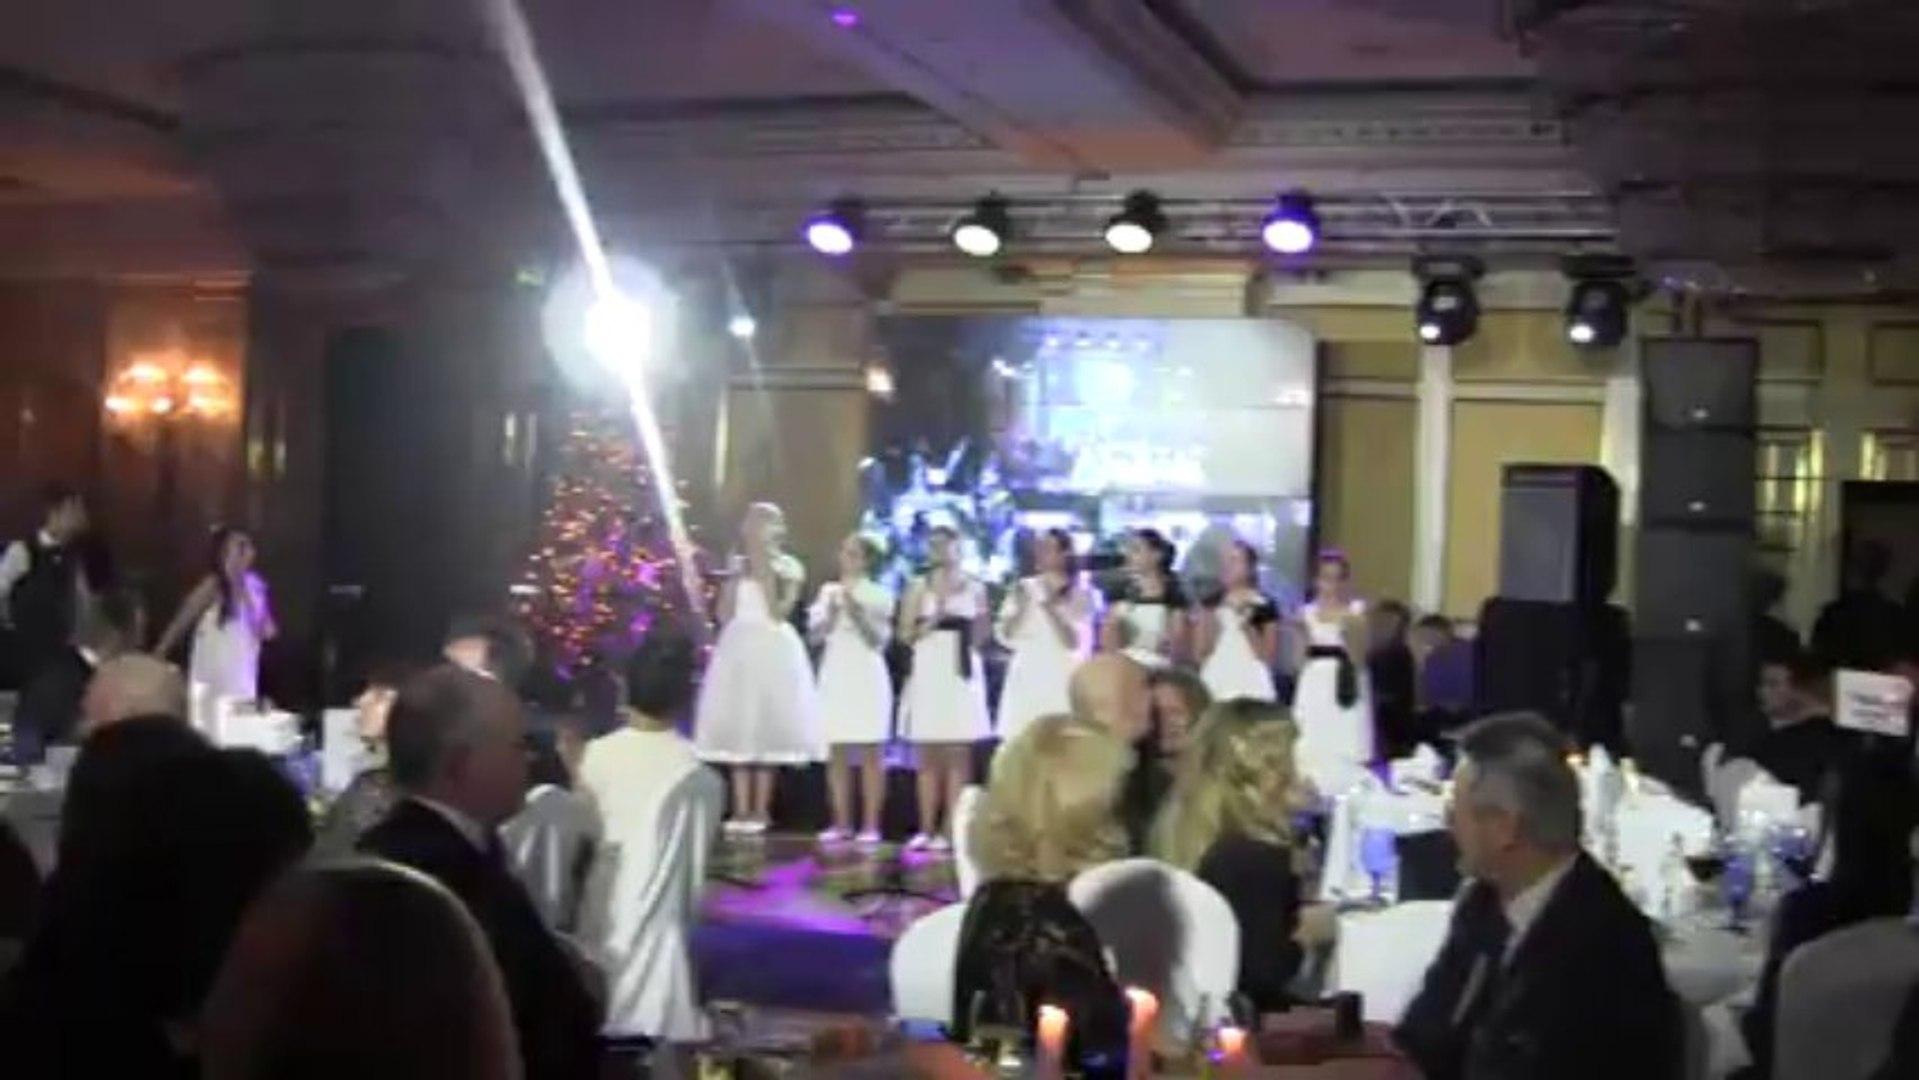 Детский Хор Радио и телевидения России (Телеканал Культура) в Ritz Carlton, 07 декабря 2013